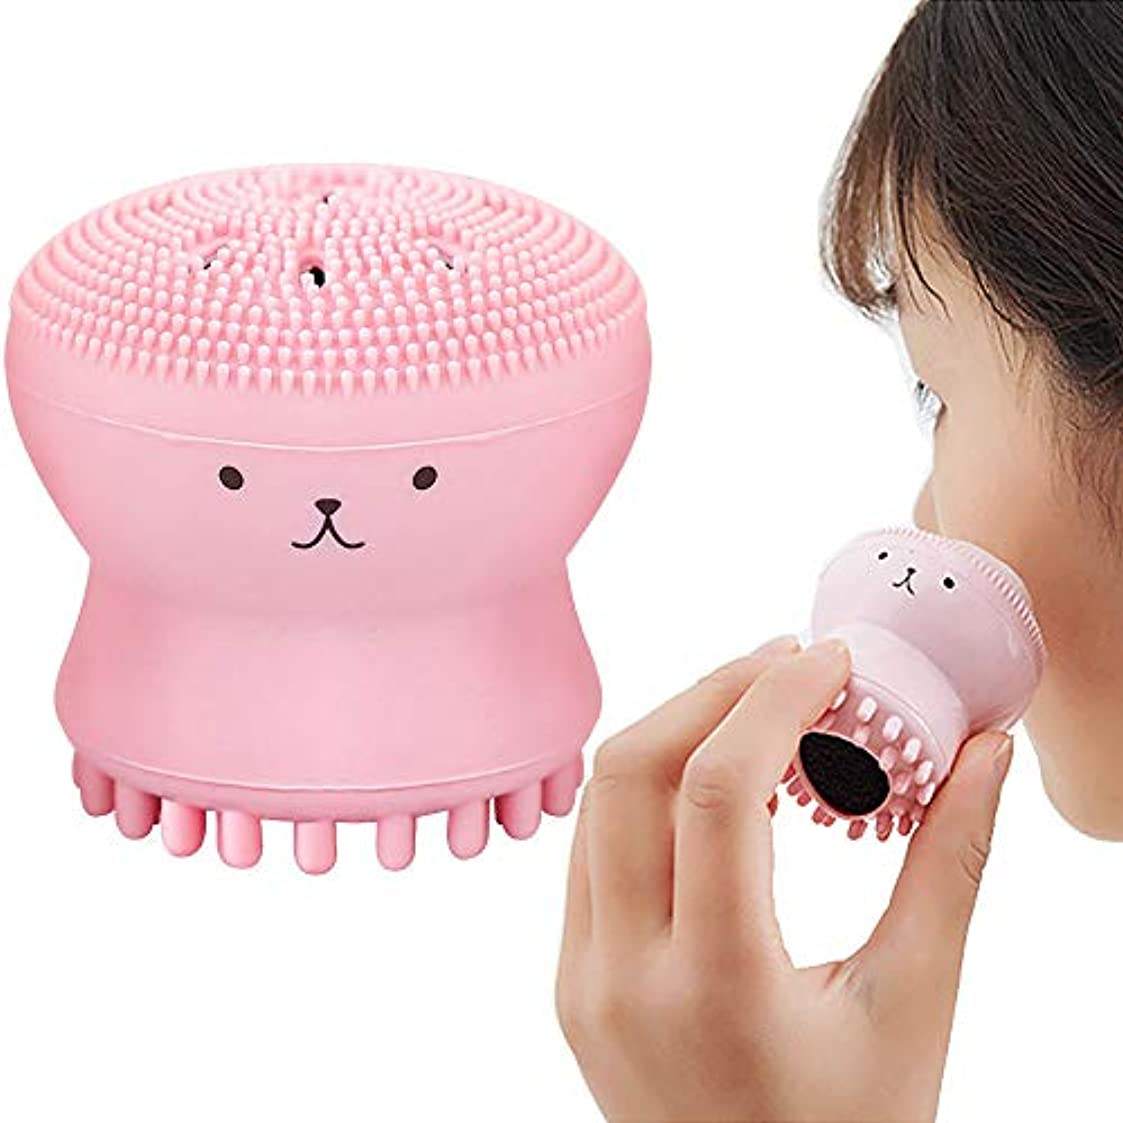 置き場多様な評決Cikoume クレンジングブラシ 手動洗顔ブラシ 洗顔器 クラゲ タコ フェイスブラシ 可愛いシリコン製顔マッサージ 両面用 スポンジ洗顔機 (ピンク)